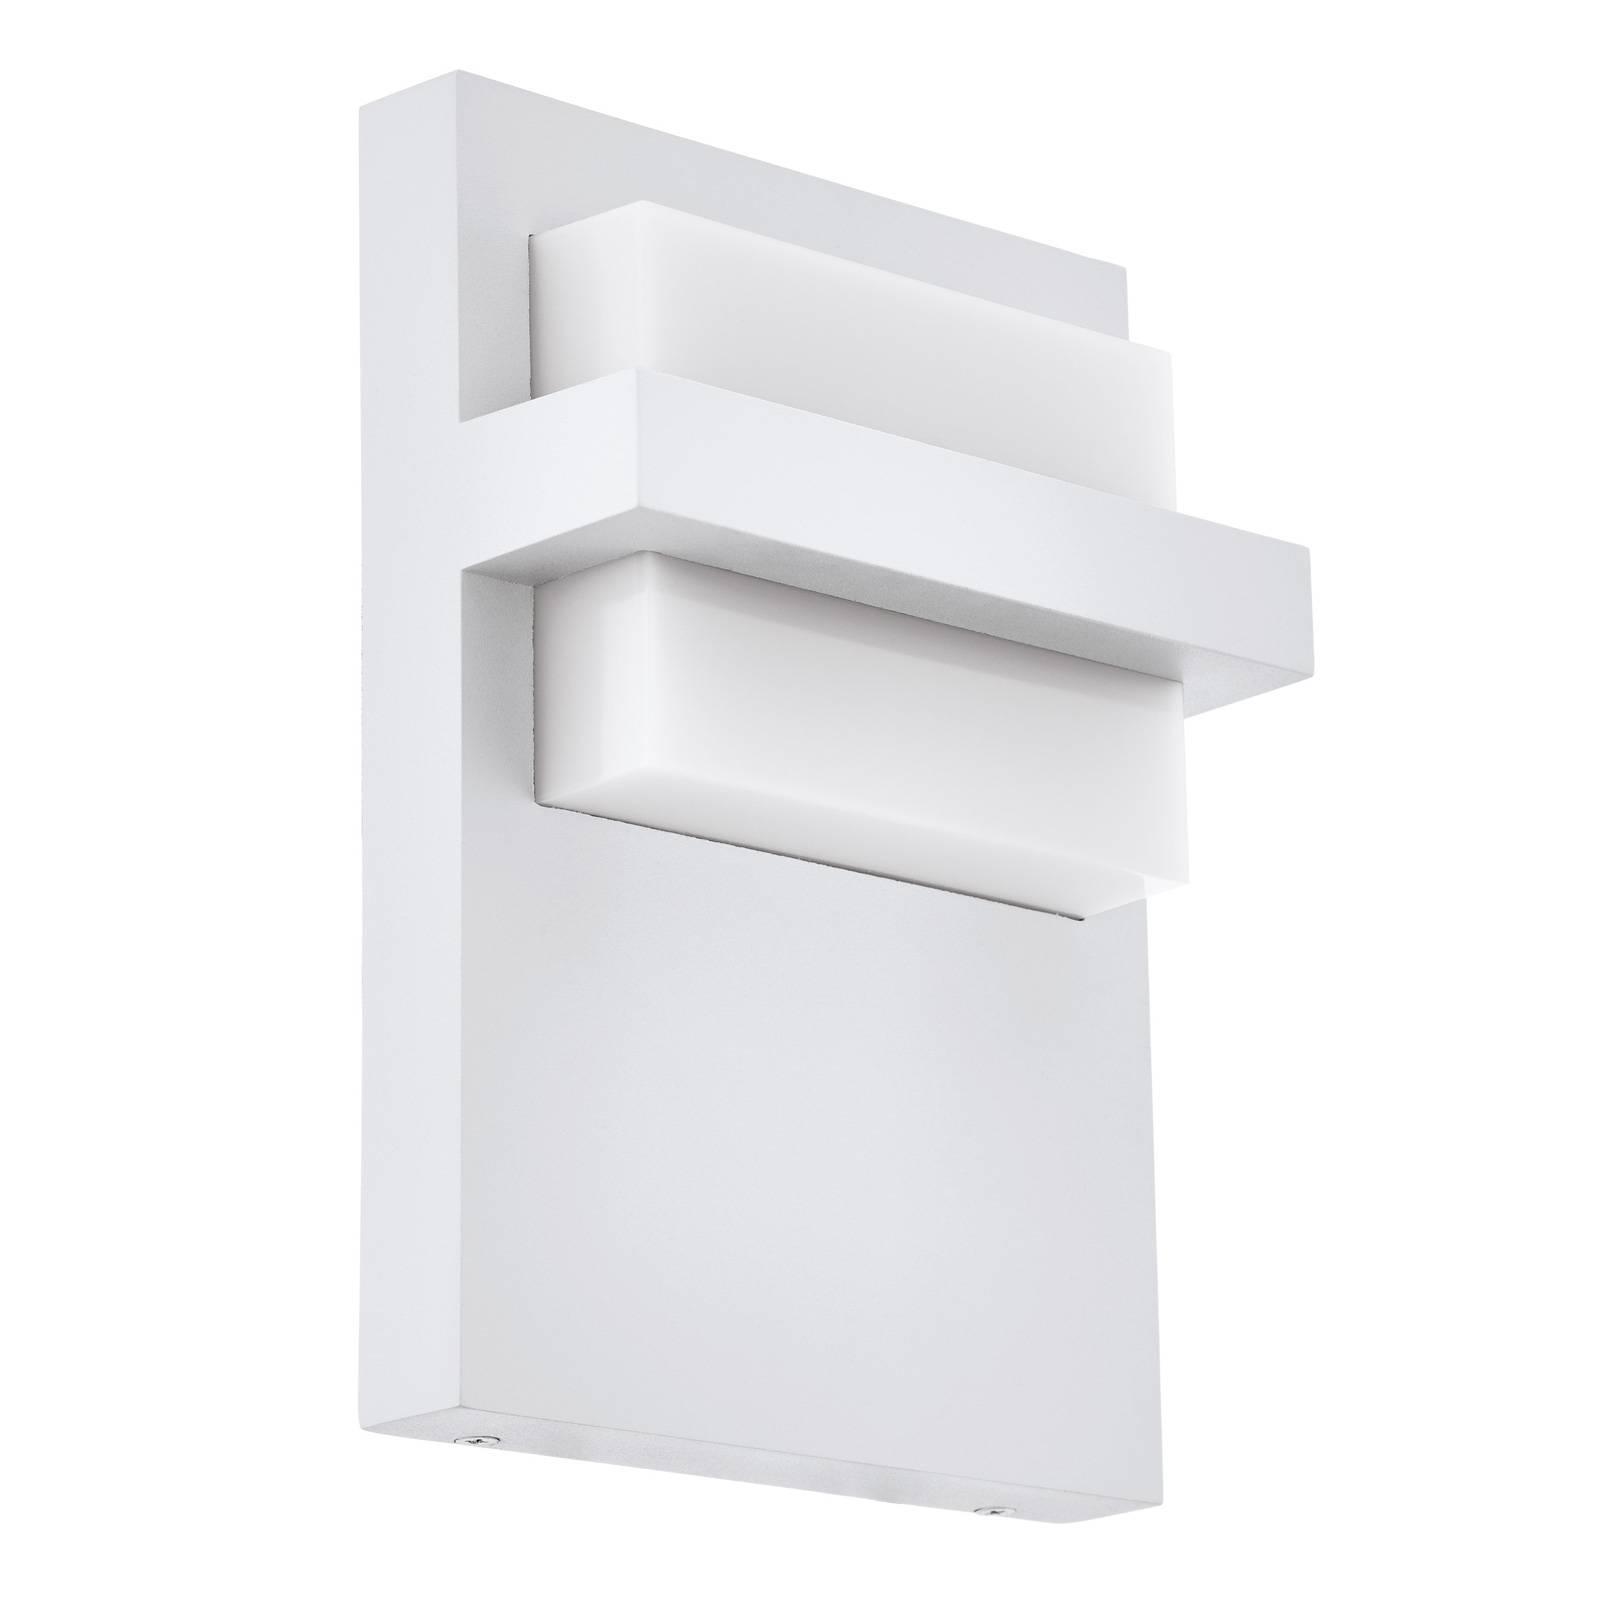 LED buitenwandlamp Culpina van Alu, wit